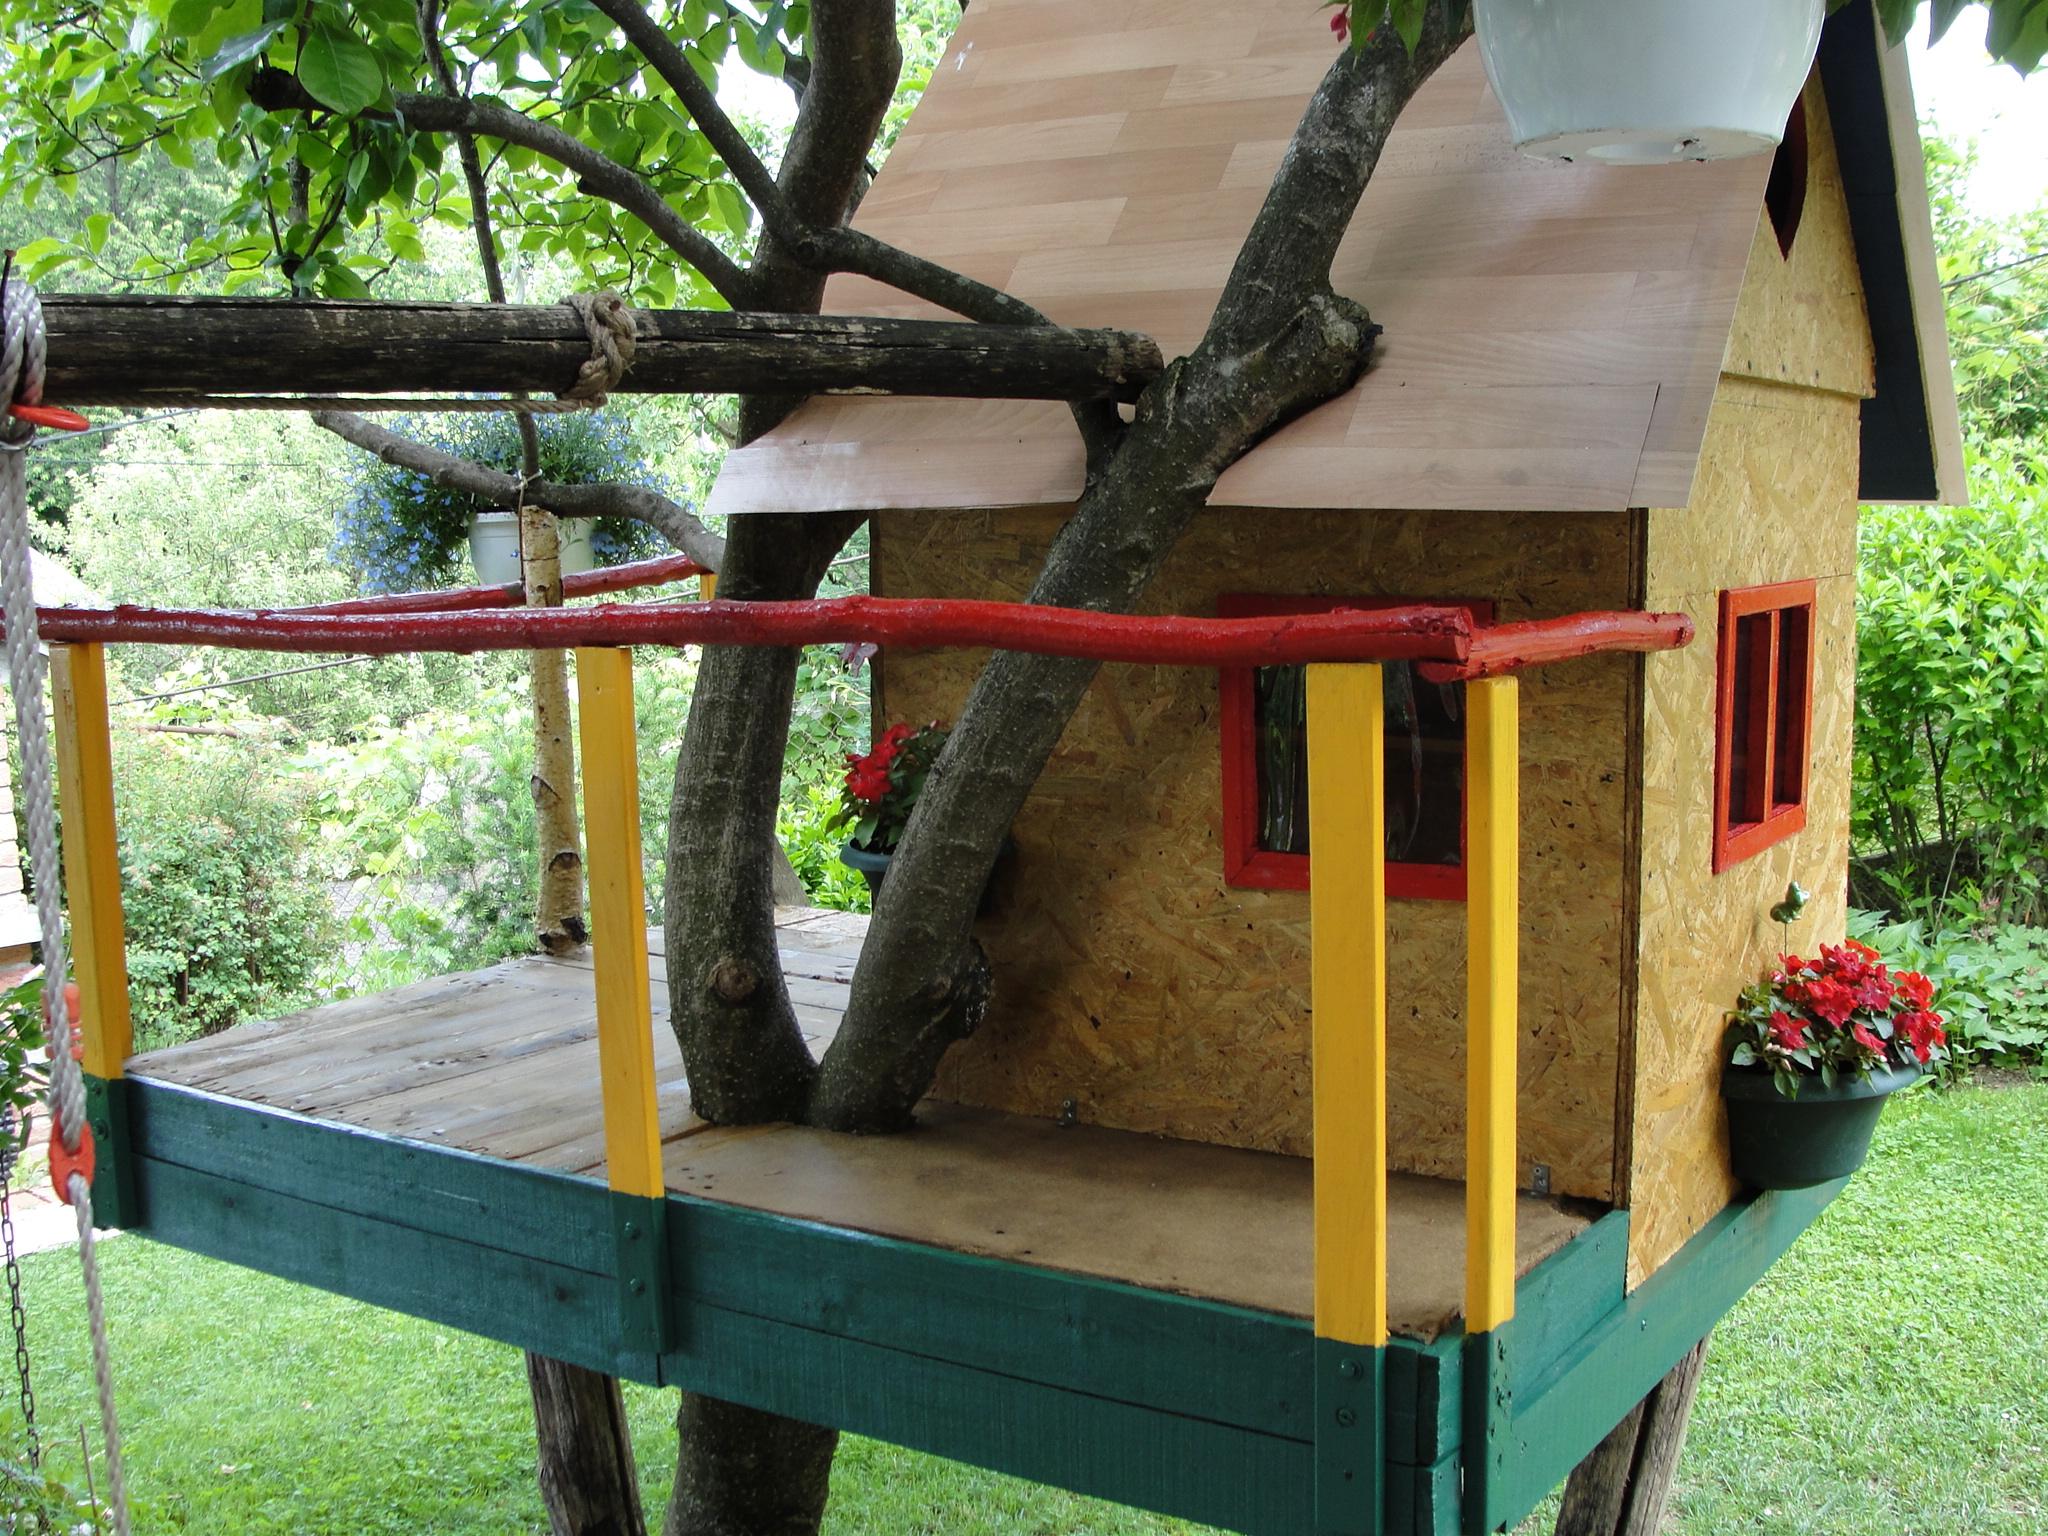 Images Gratuites Enfants Maison Arbre Meubles Table Structure